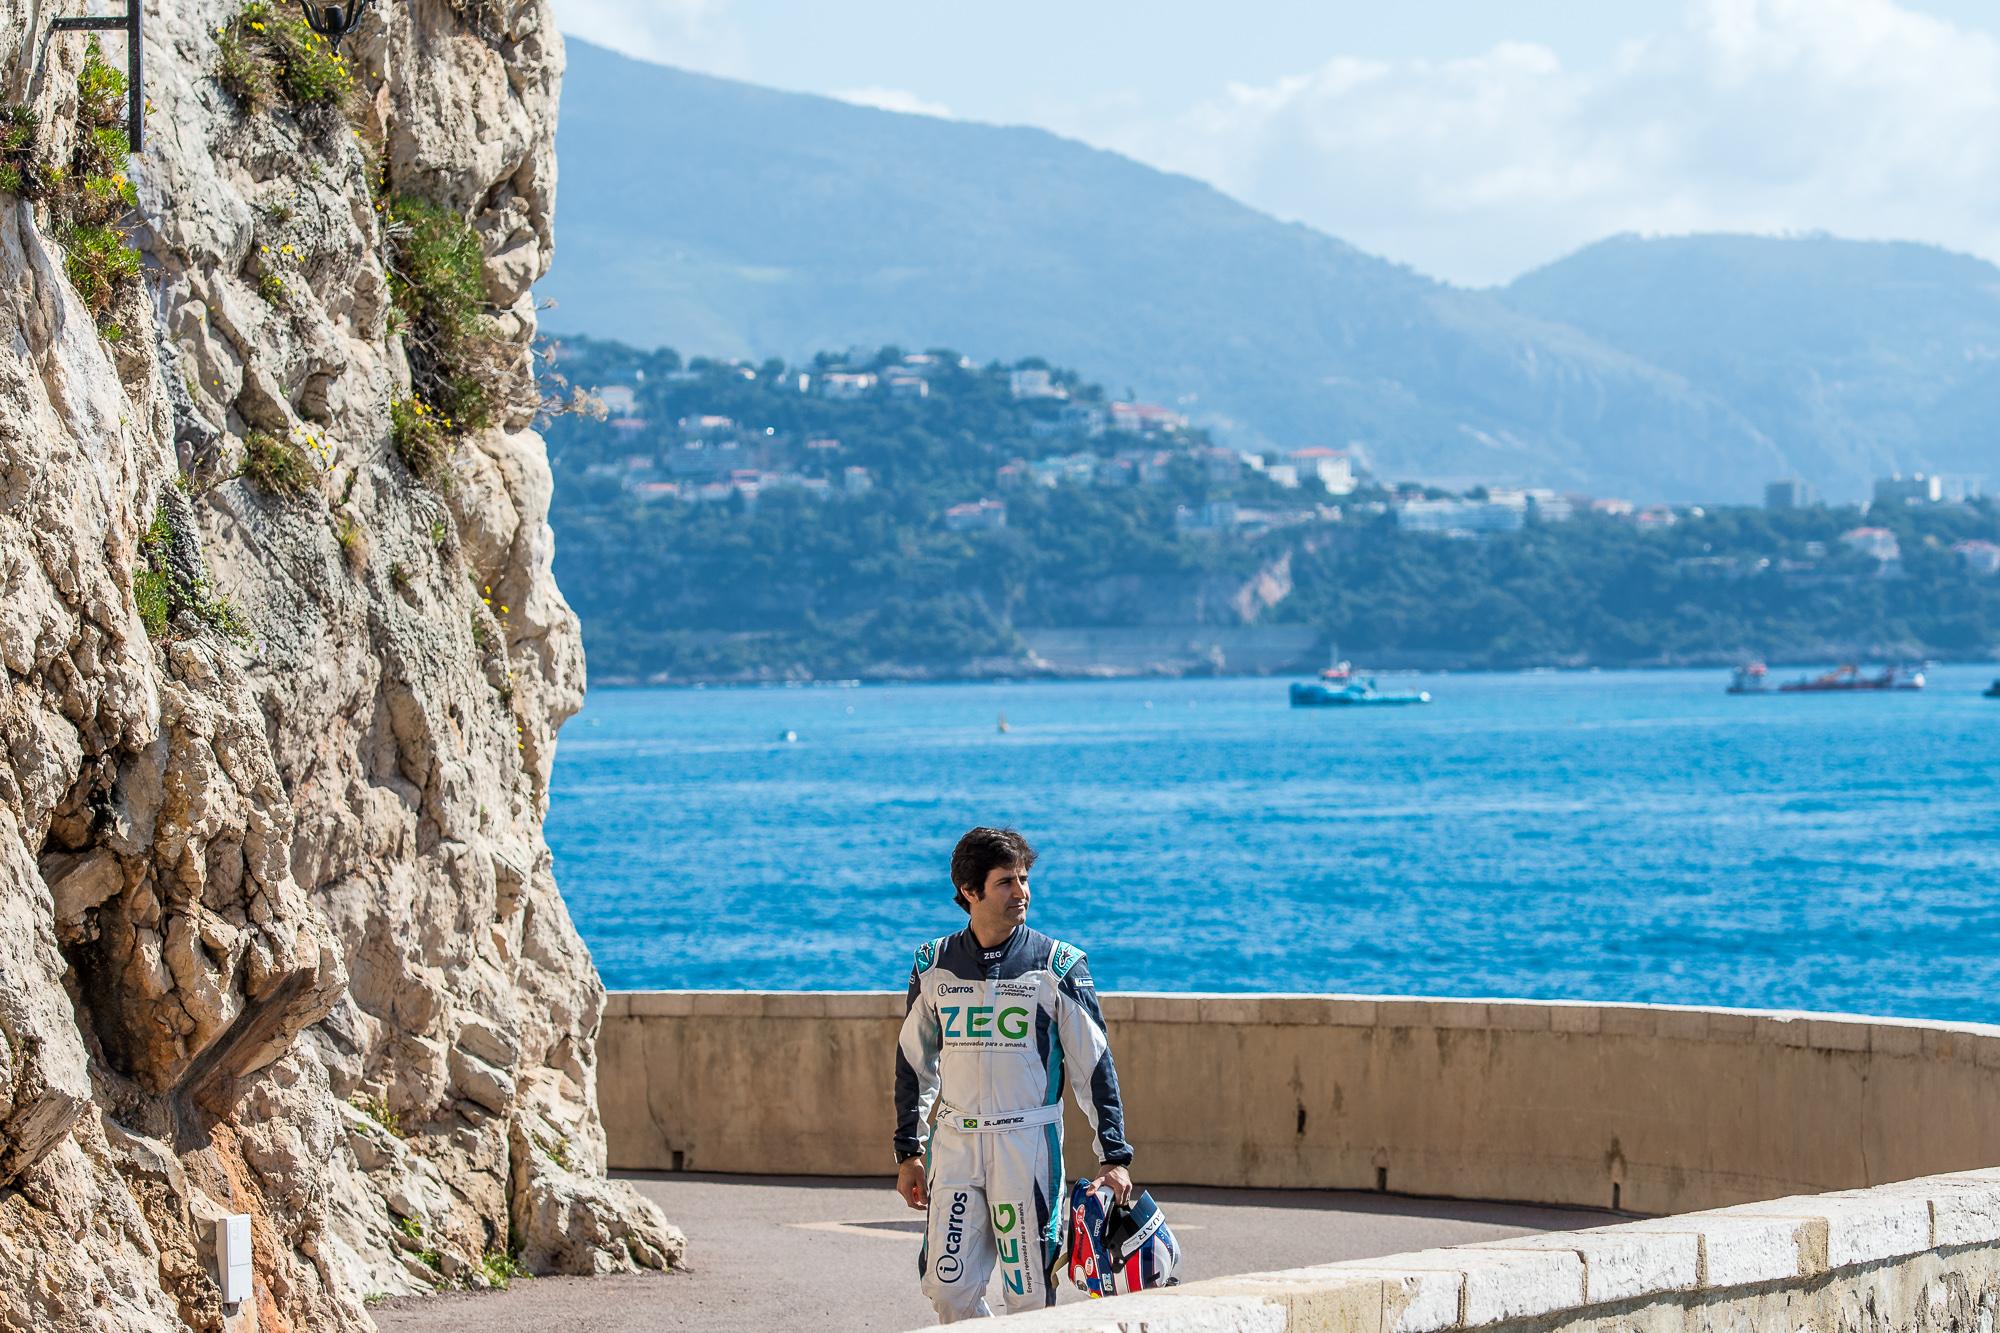 Jaguar_7.Monaco_josemariodias_01049